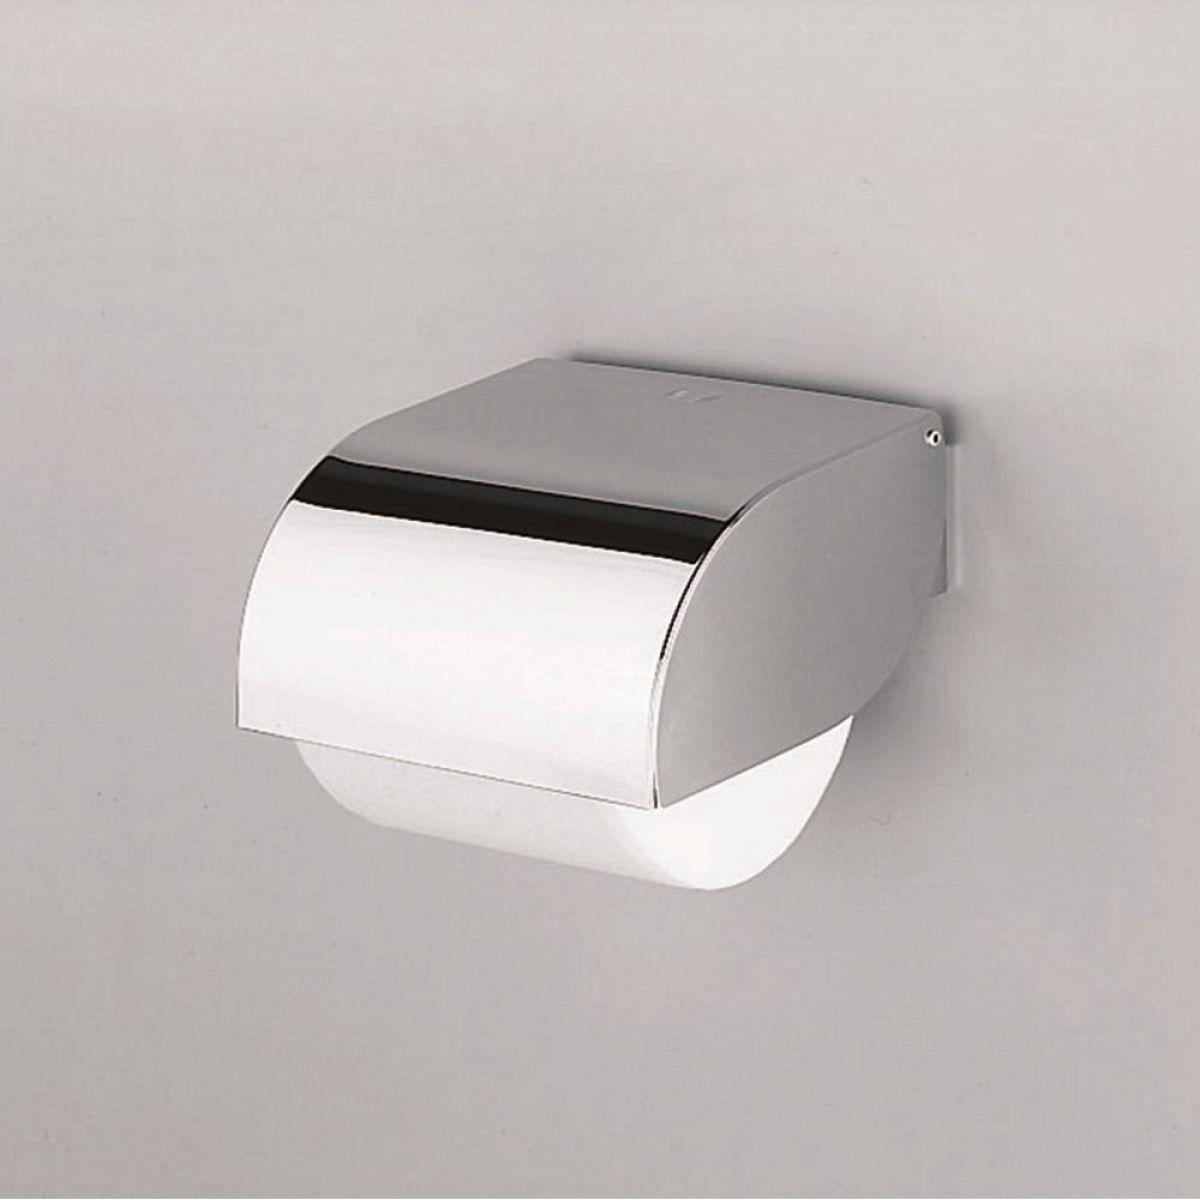 Inda Hotellerie Covered Toilet Roll Holder Uk Bathrooms